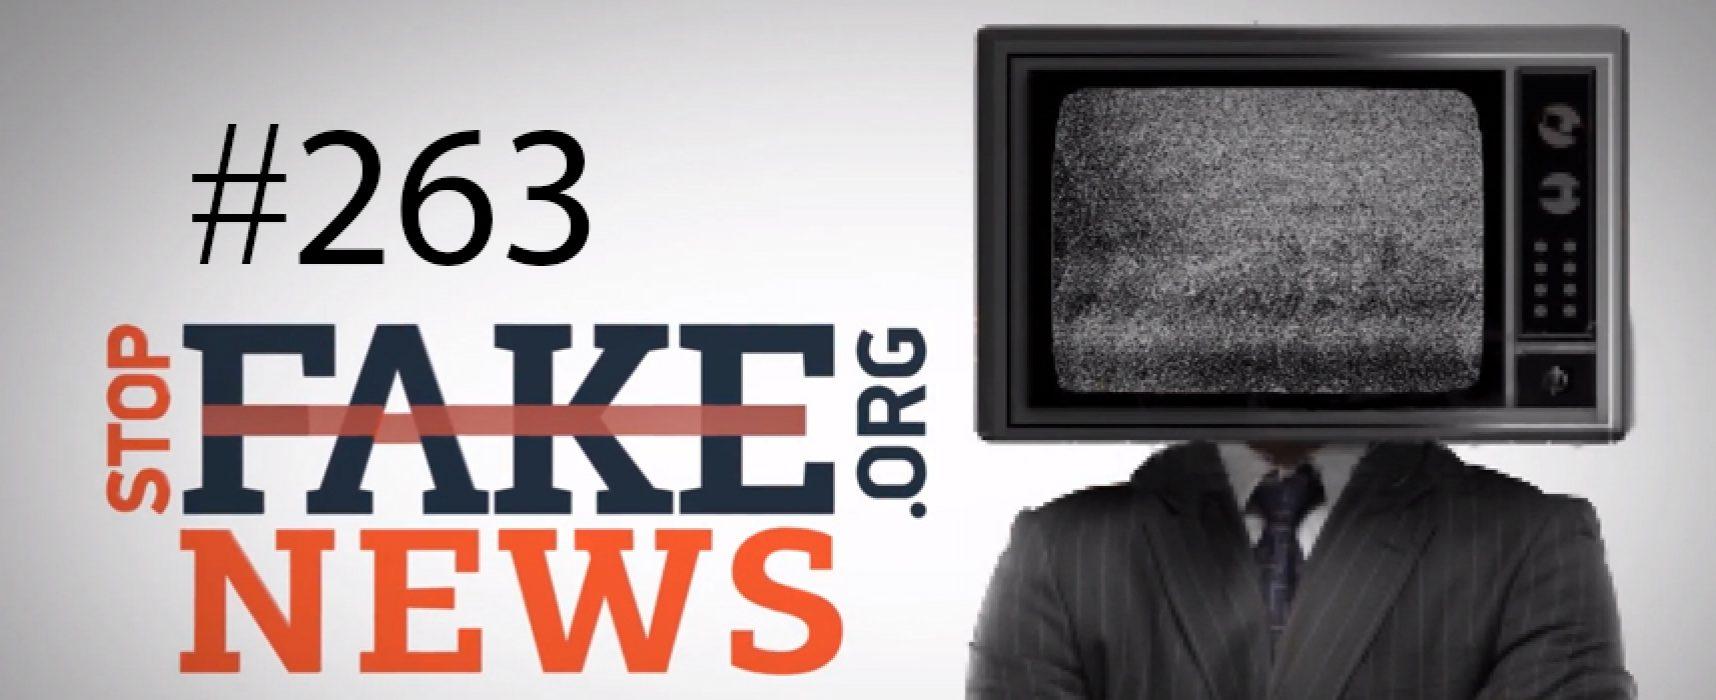 Uwaga: Ukraina, gaz, Facebook! – SFN #263